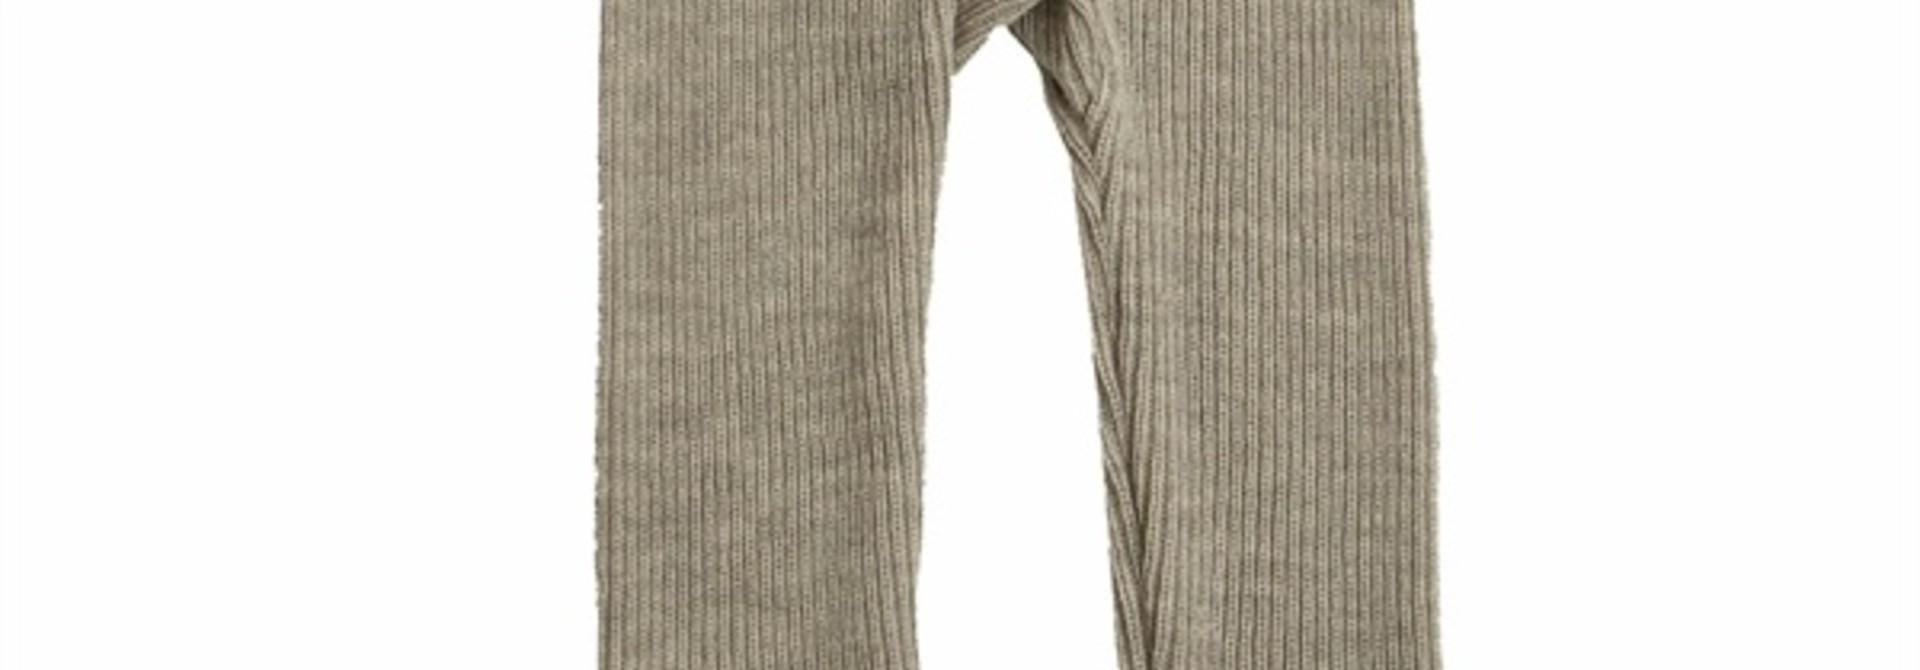 Legging rib - Merino wol - Beige melange